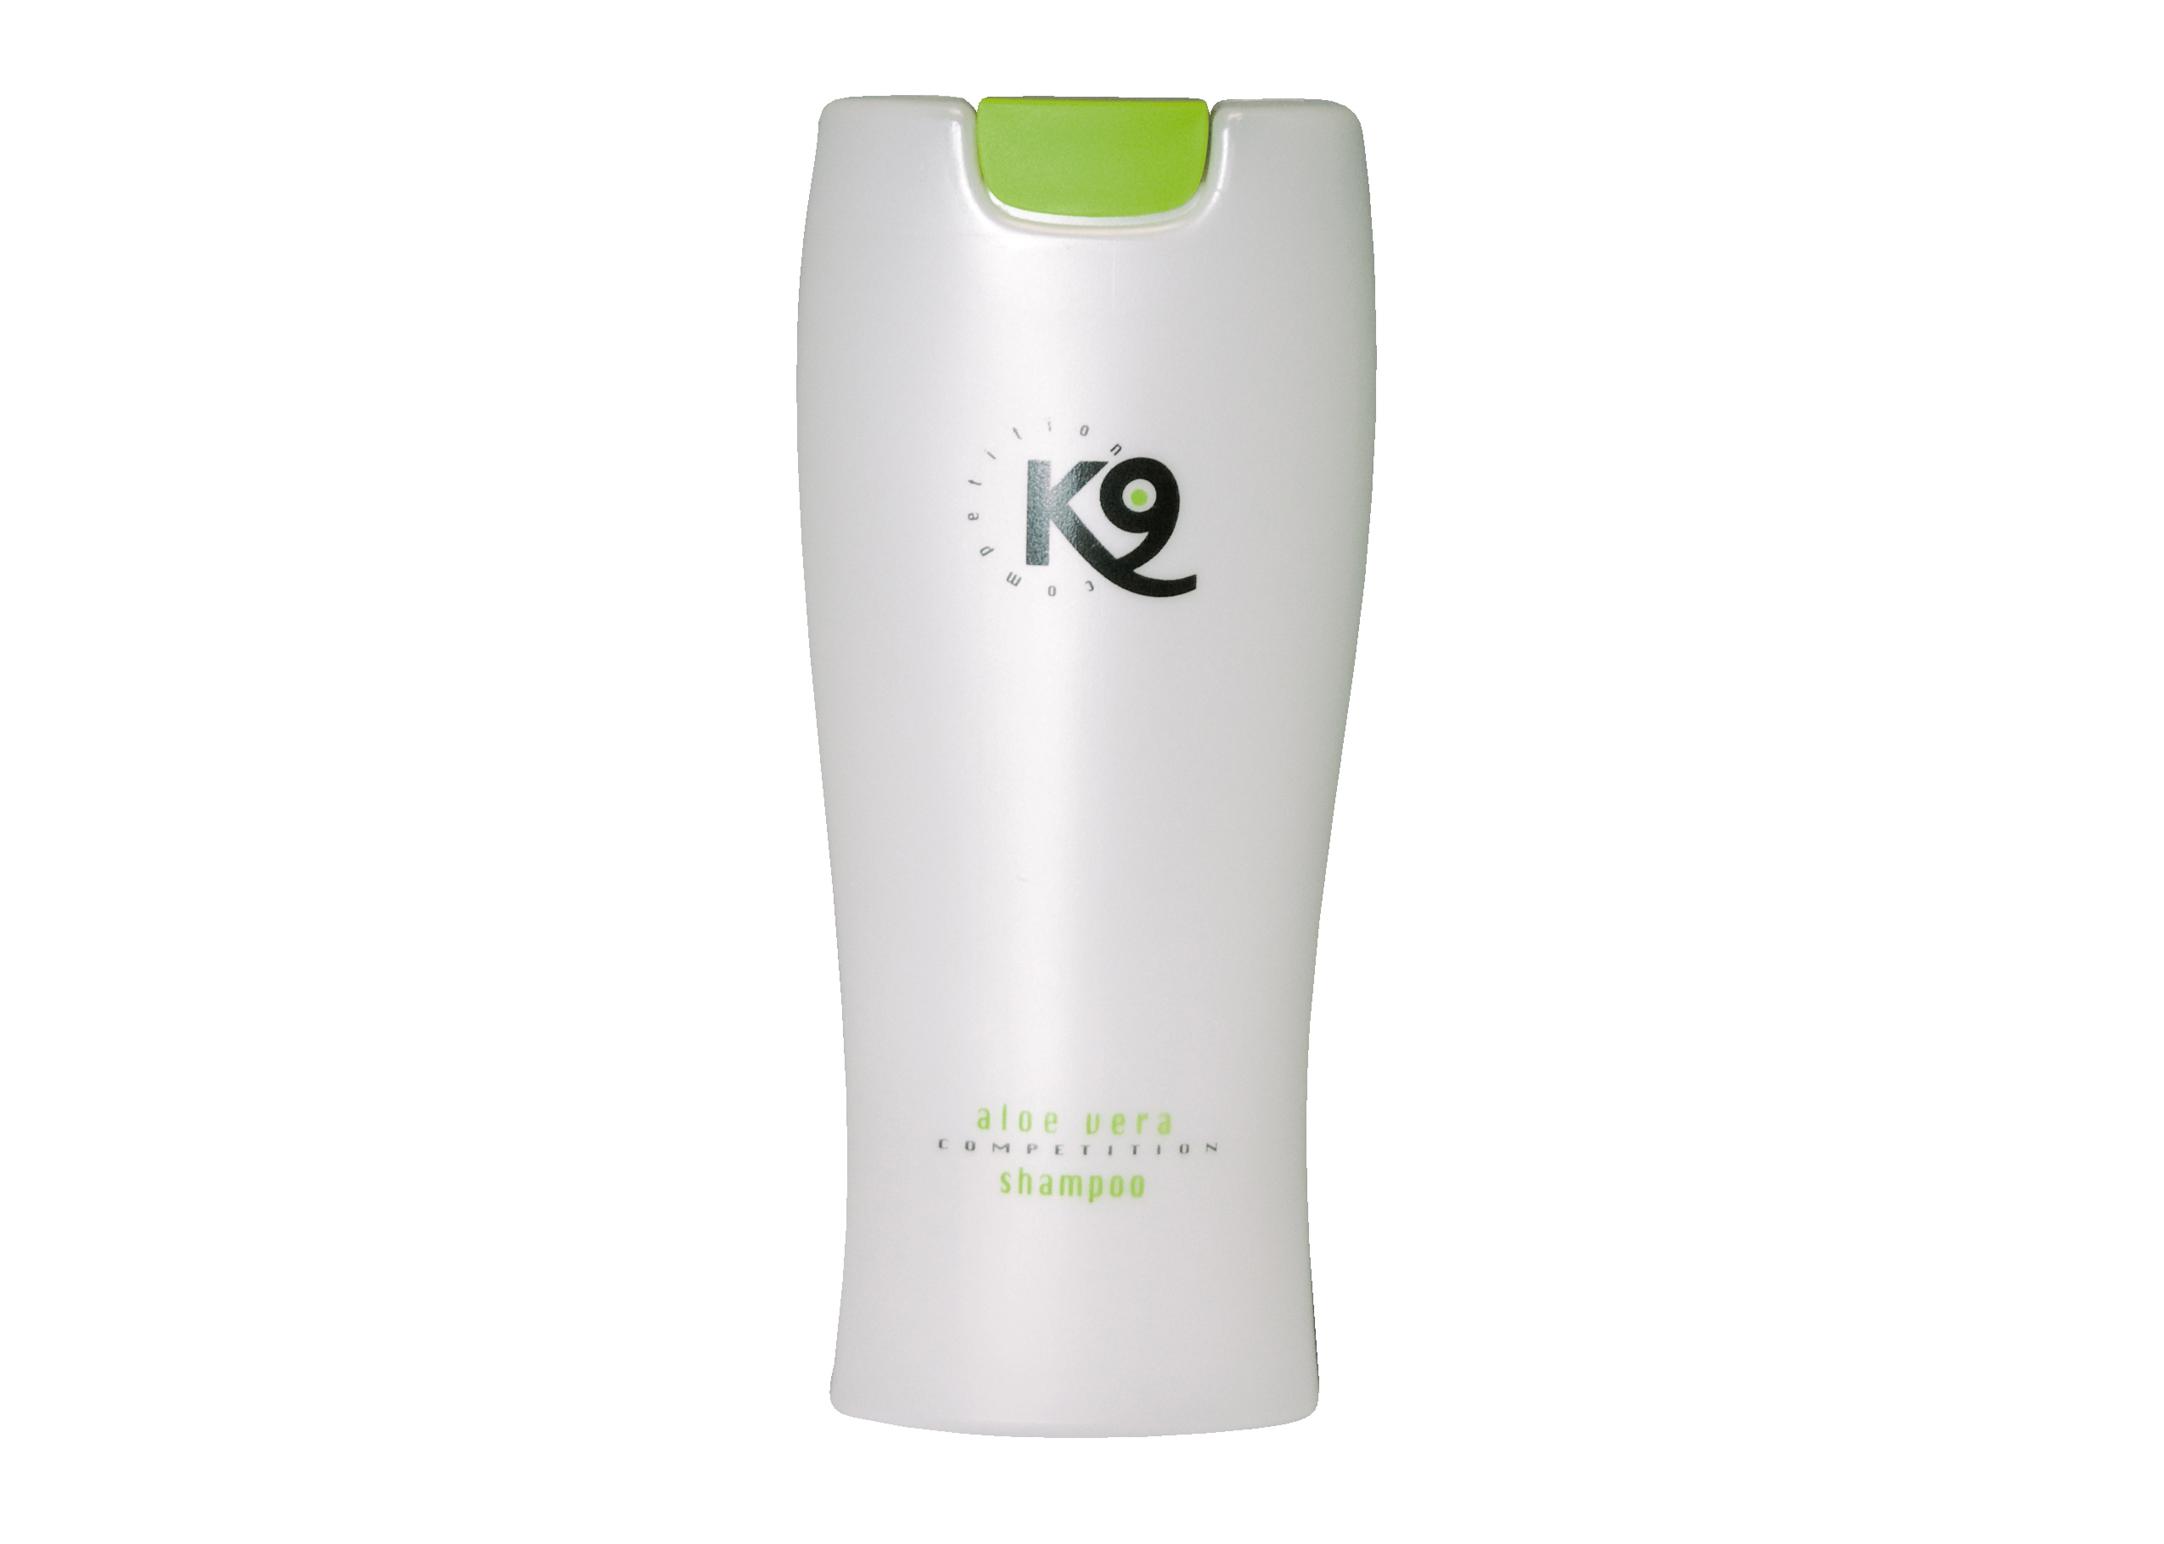 K9 Aloe Vera Shampoo For Dogs and Cats